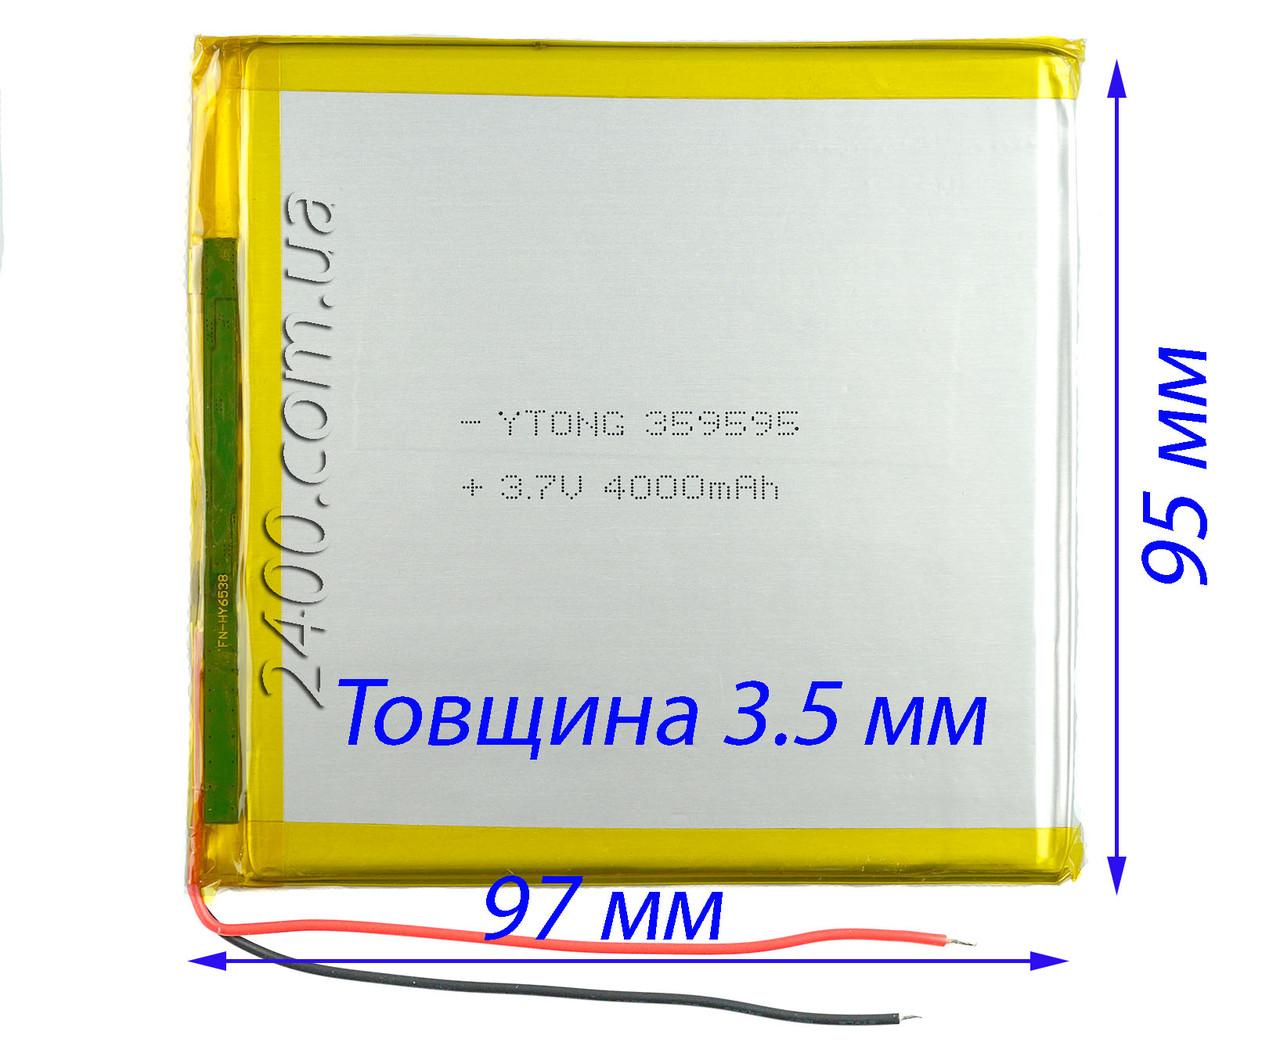 Аккумулятор 4000мАч 359595 мм 3,7в универсальный для планшета 3.7v 3,5*95*97 (4000mAh)